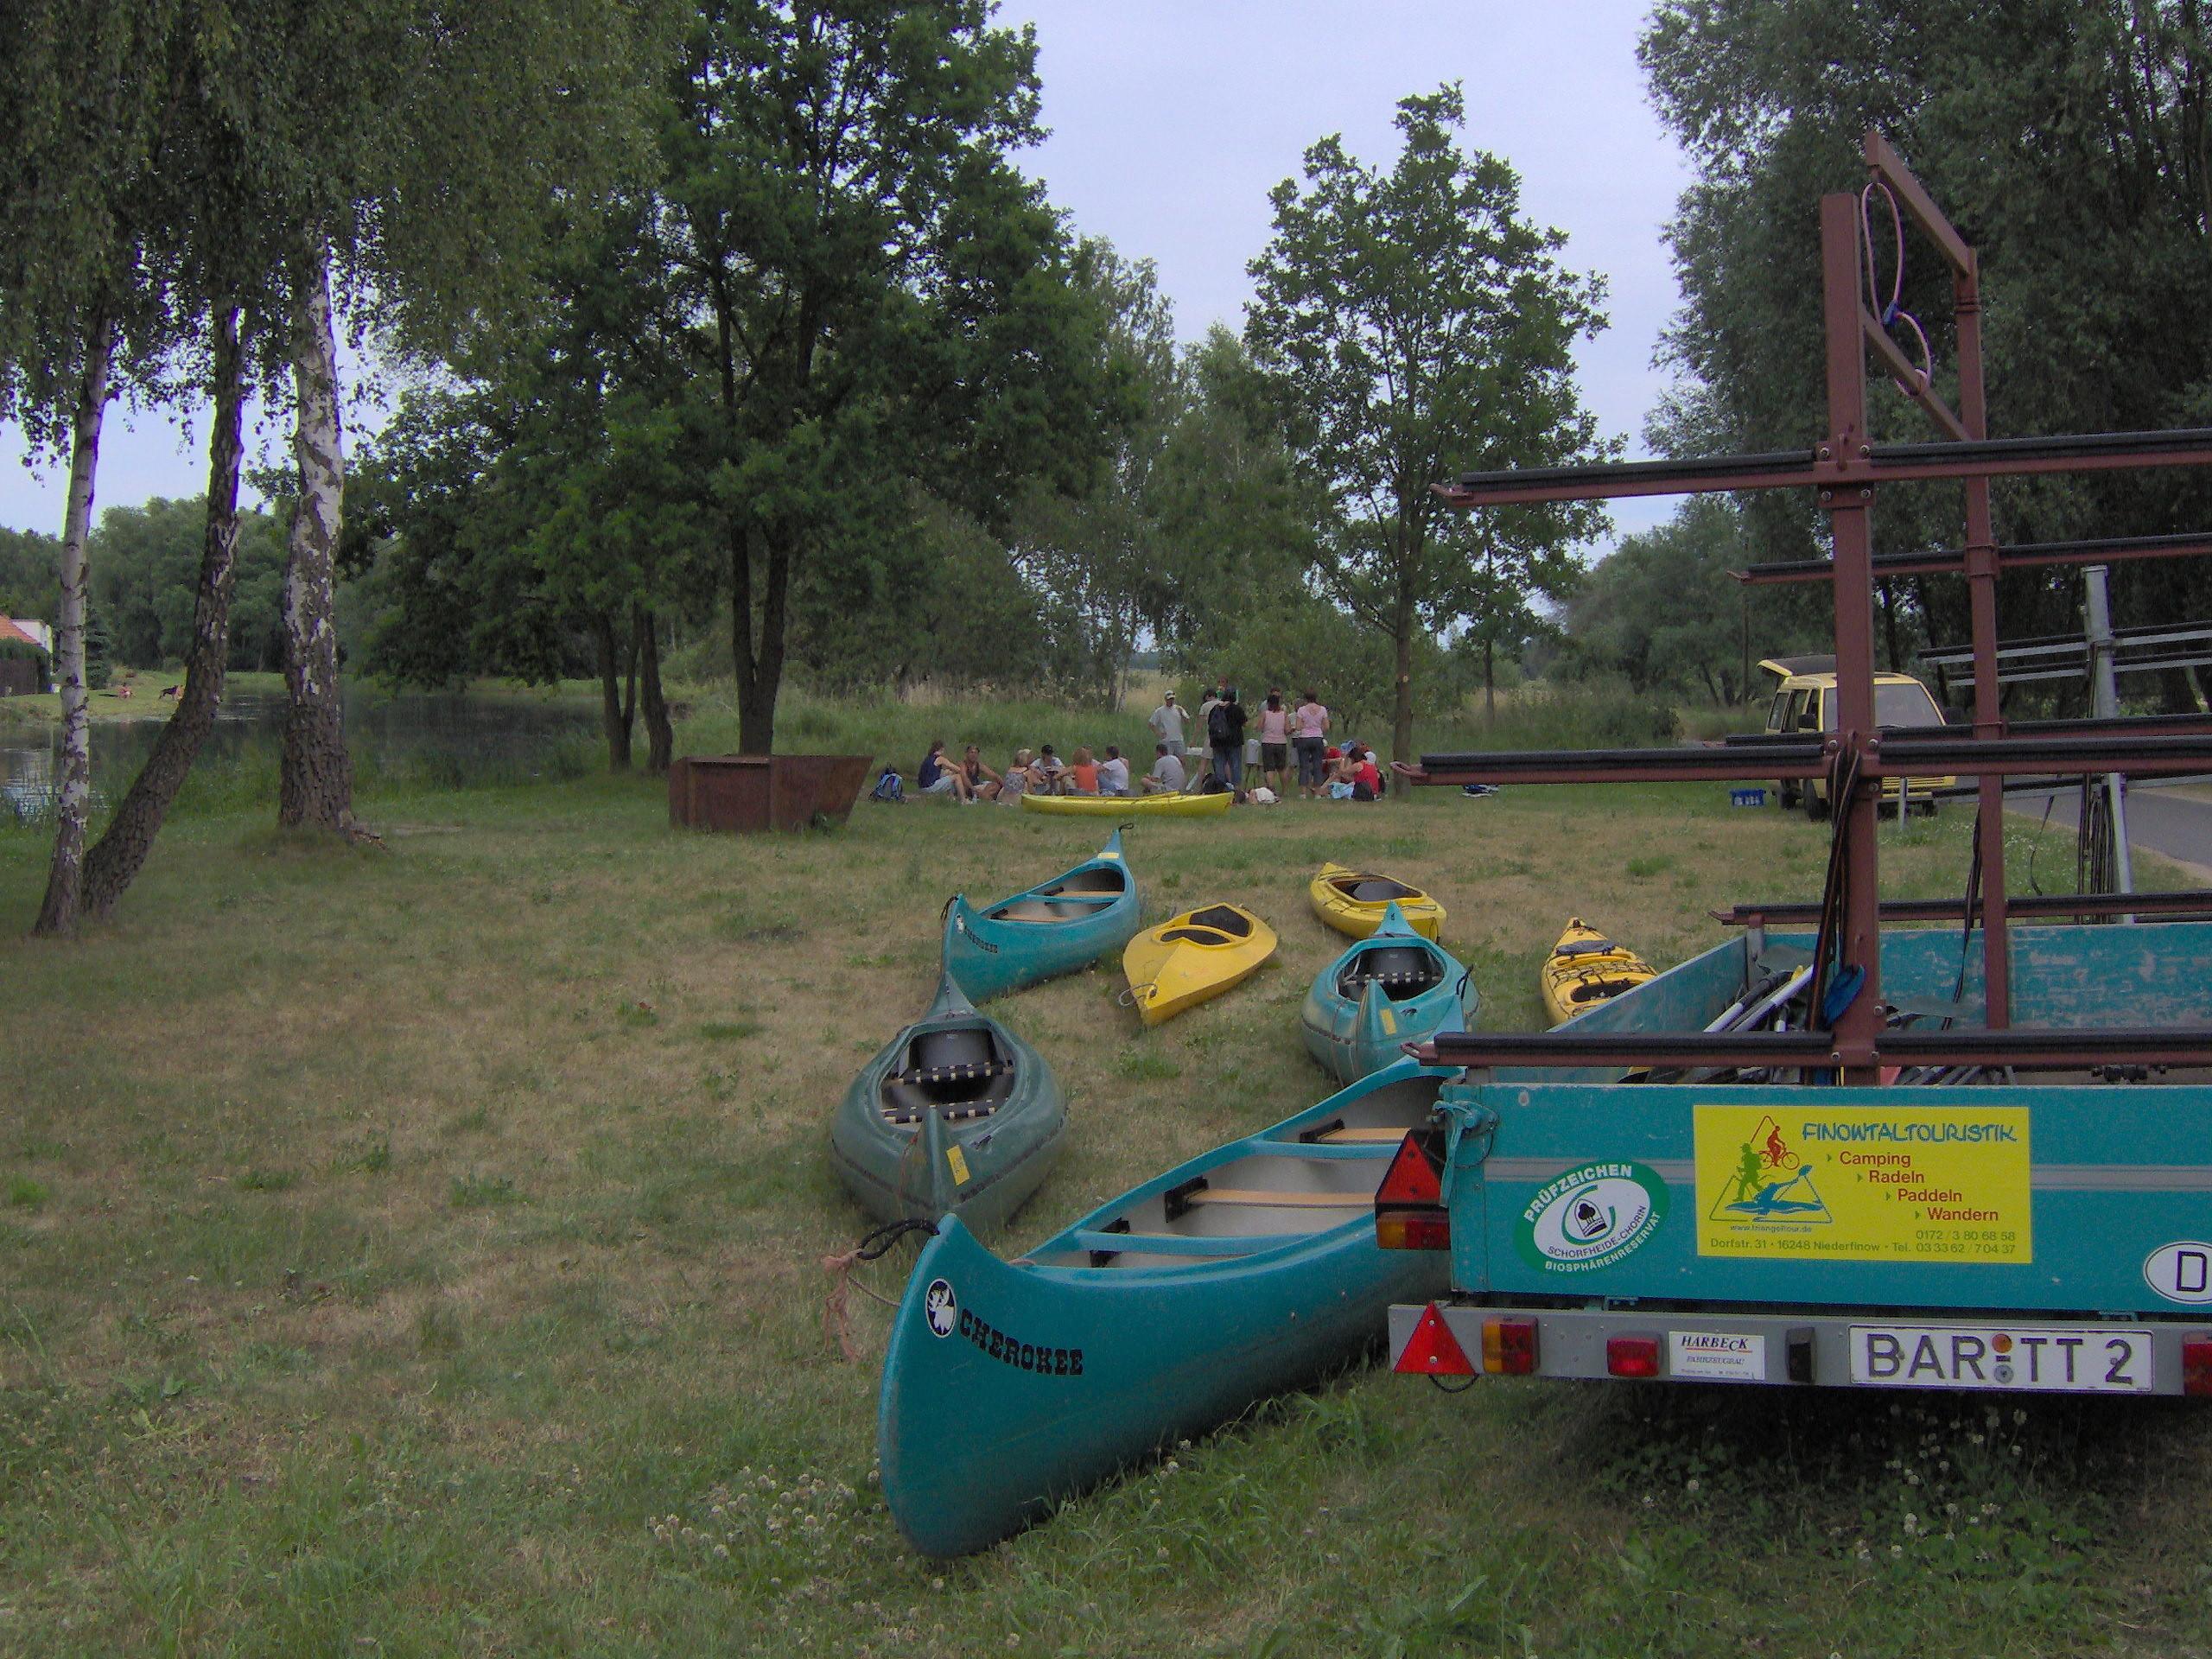 triangel camping niederfinow bootsvermietung barnimer